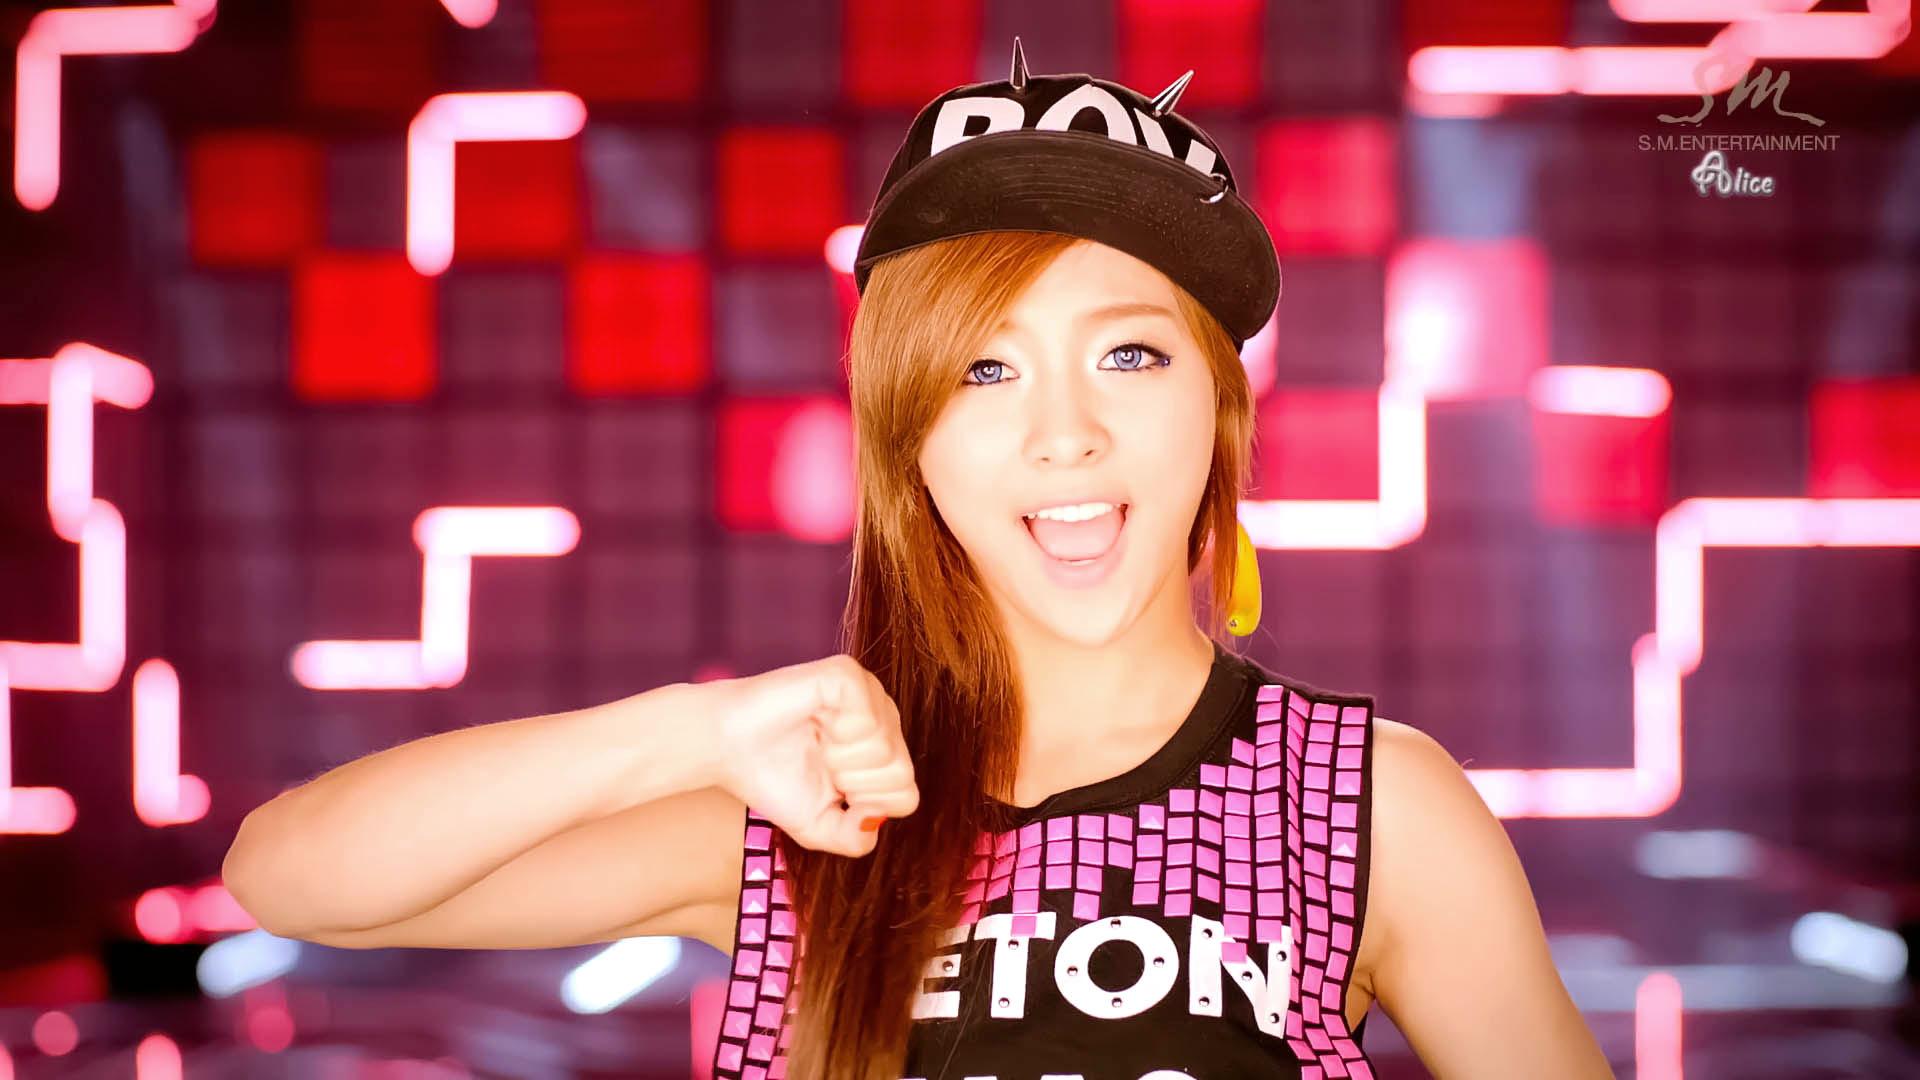 Luna singer fx